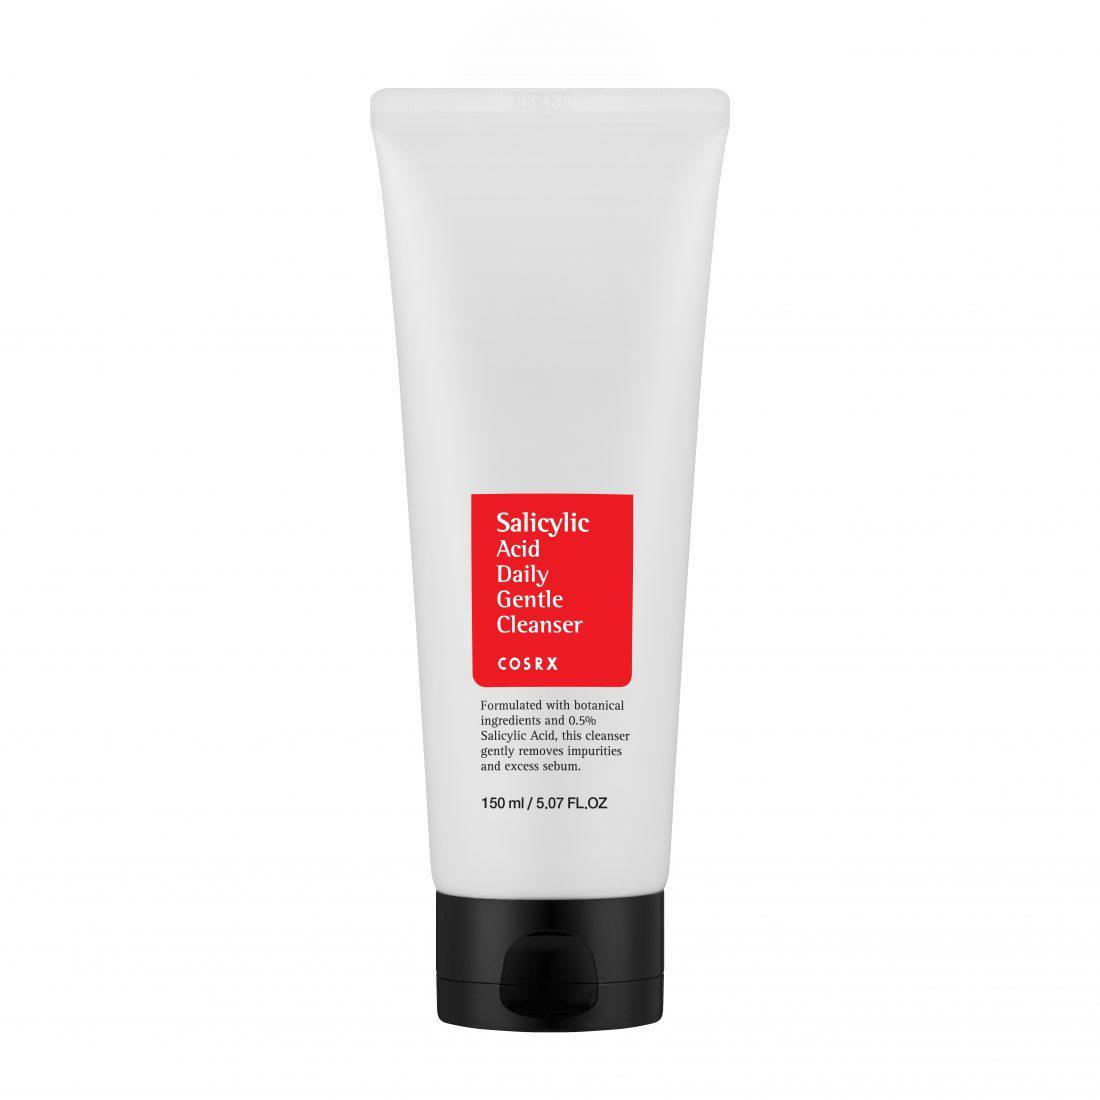 Пенка для умывания COSRX Salicylic Acid Daily Gentle Cleanser 150ml